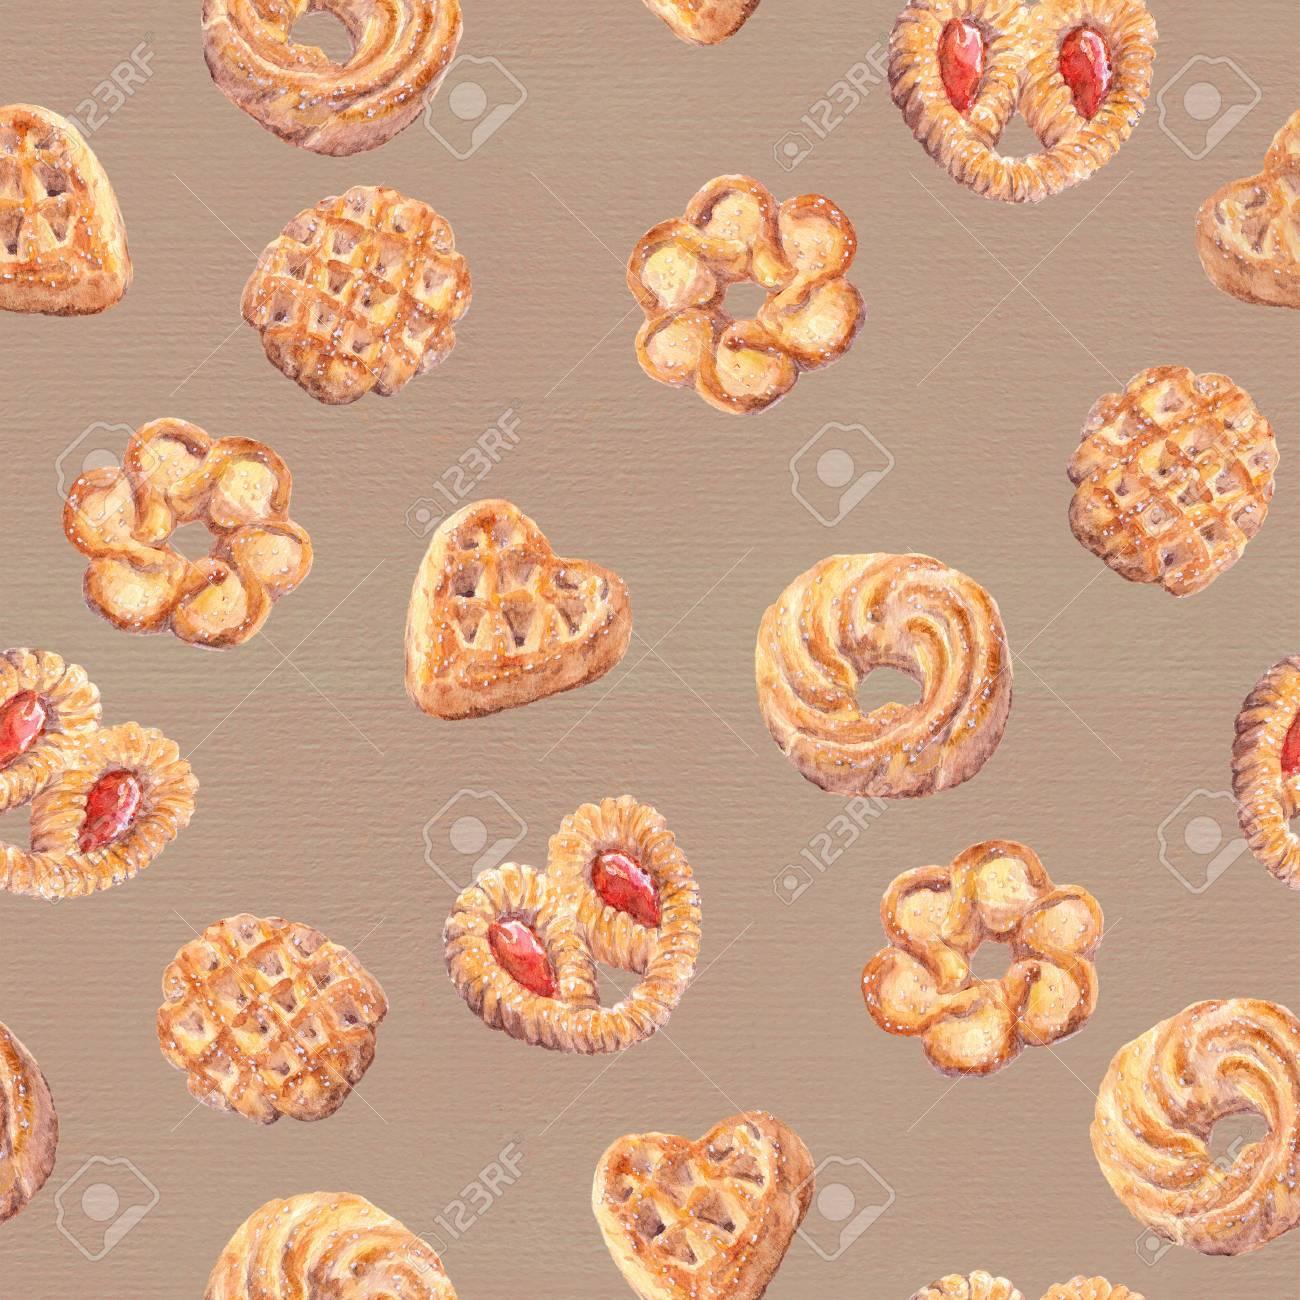 シームレスなクッキーの壁紙 ベーキングのフード デザインは 白い